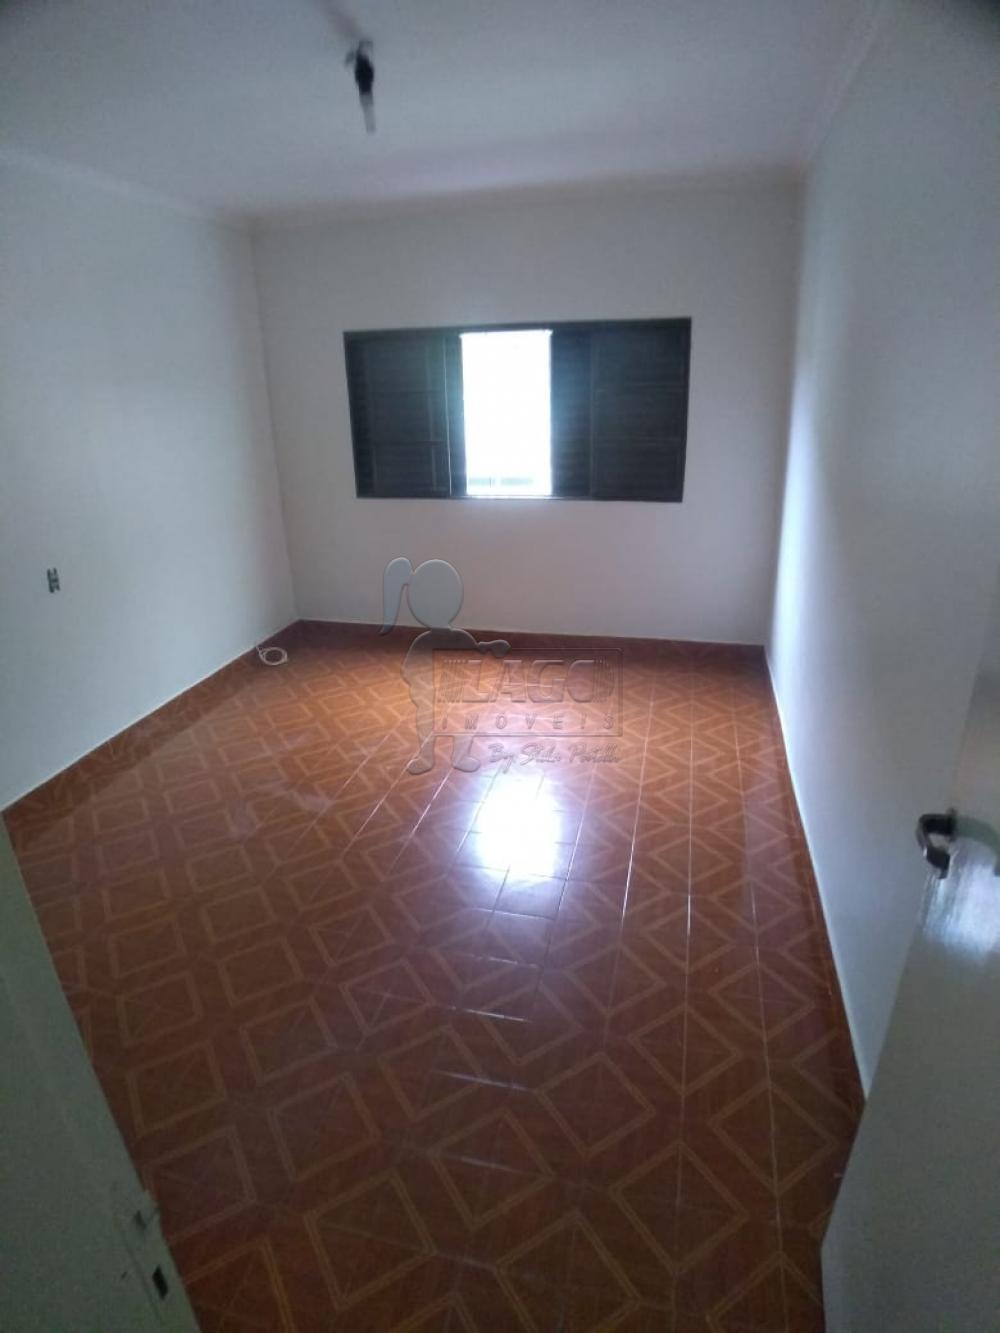 Comprar Casas / Padrão em Ribeirão Preto apenas R$ 335.000,00 - Foto 9